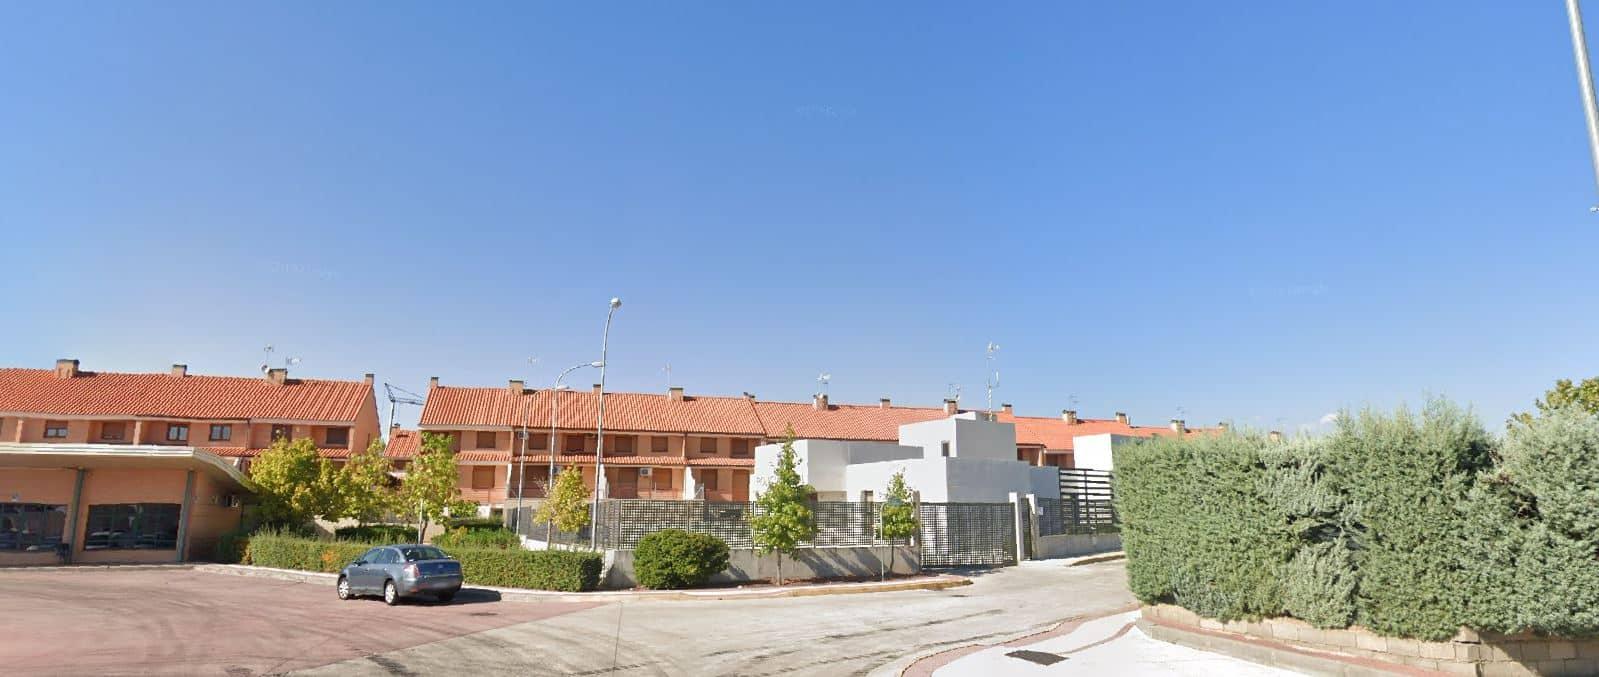 Registro civil - Juzgado de Paz Villa del Prado